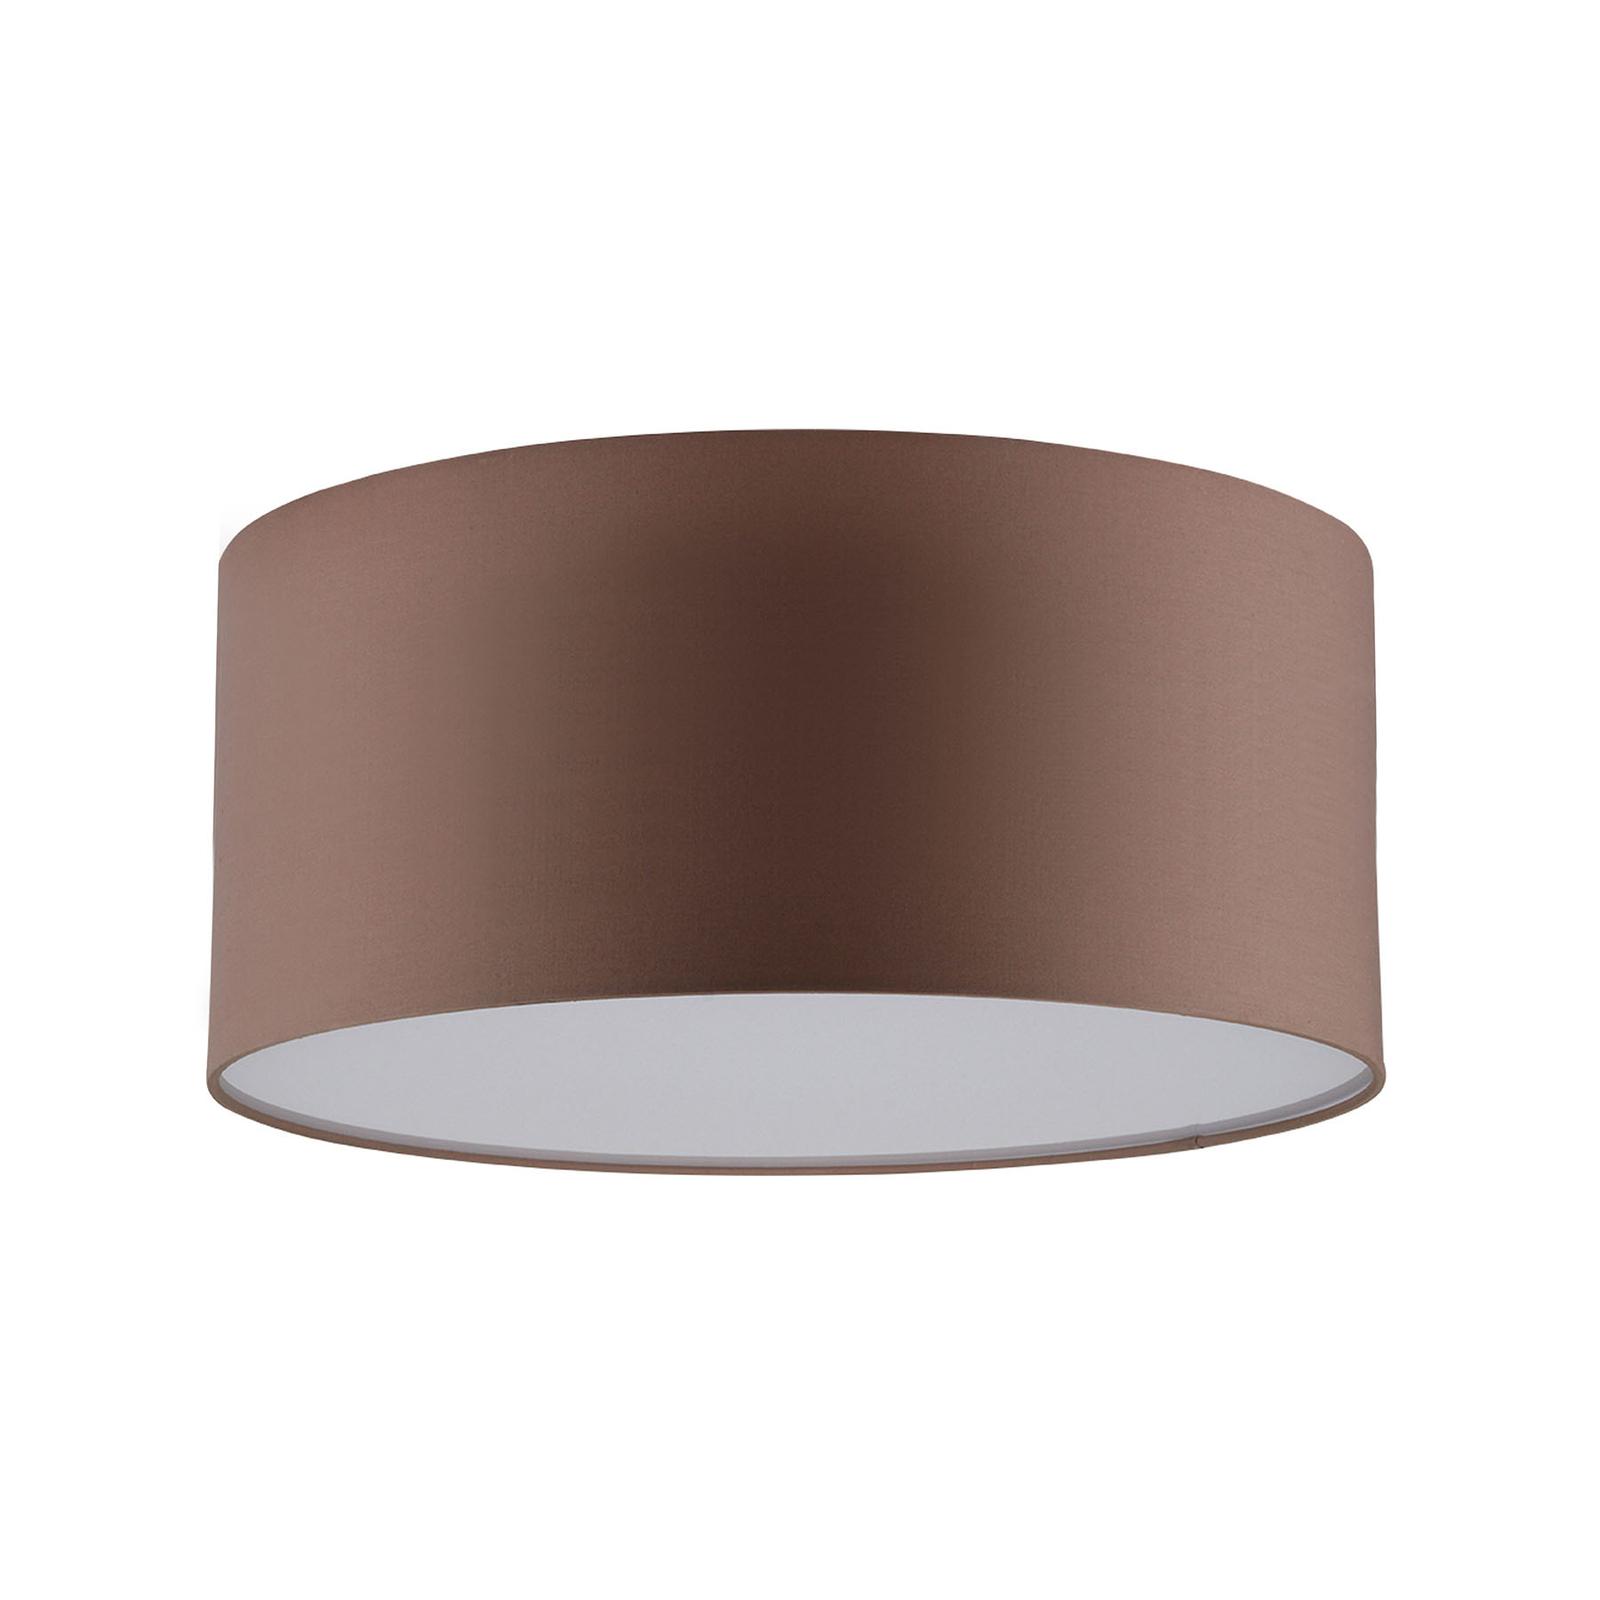 LED-taklampe Josefina, Ø 28 cm, brun